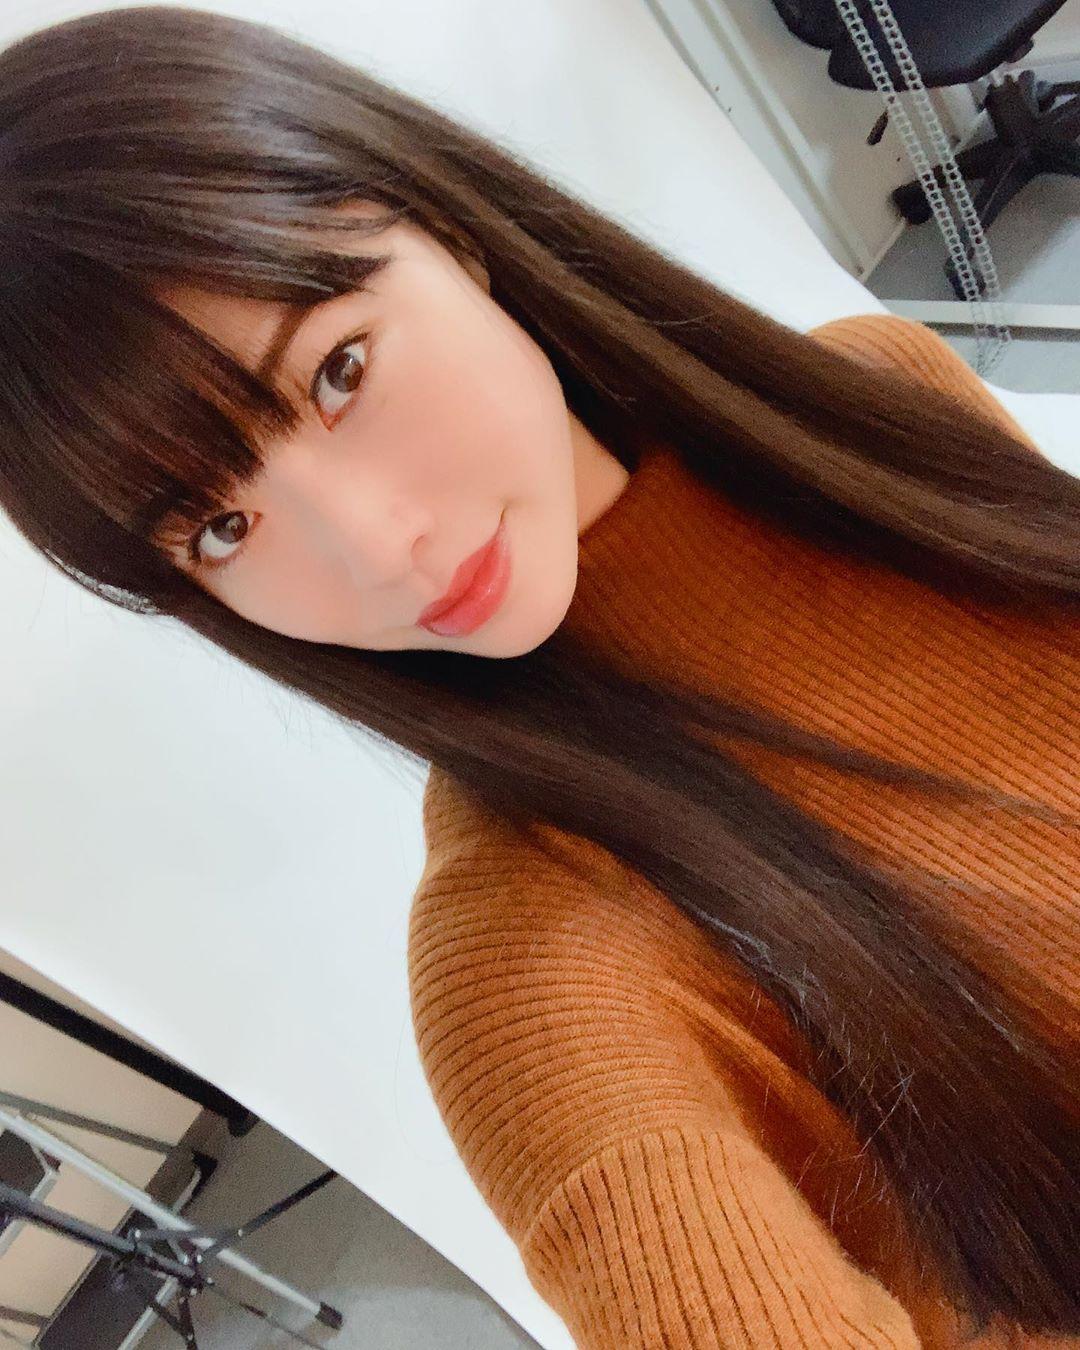 oda_asuka025.jpg